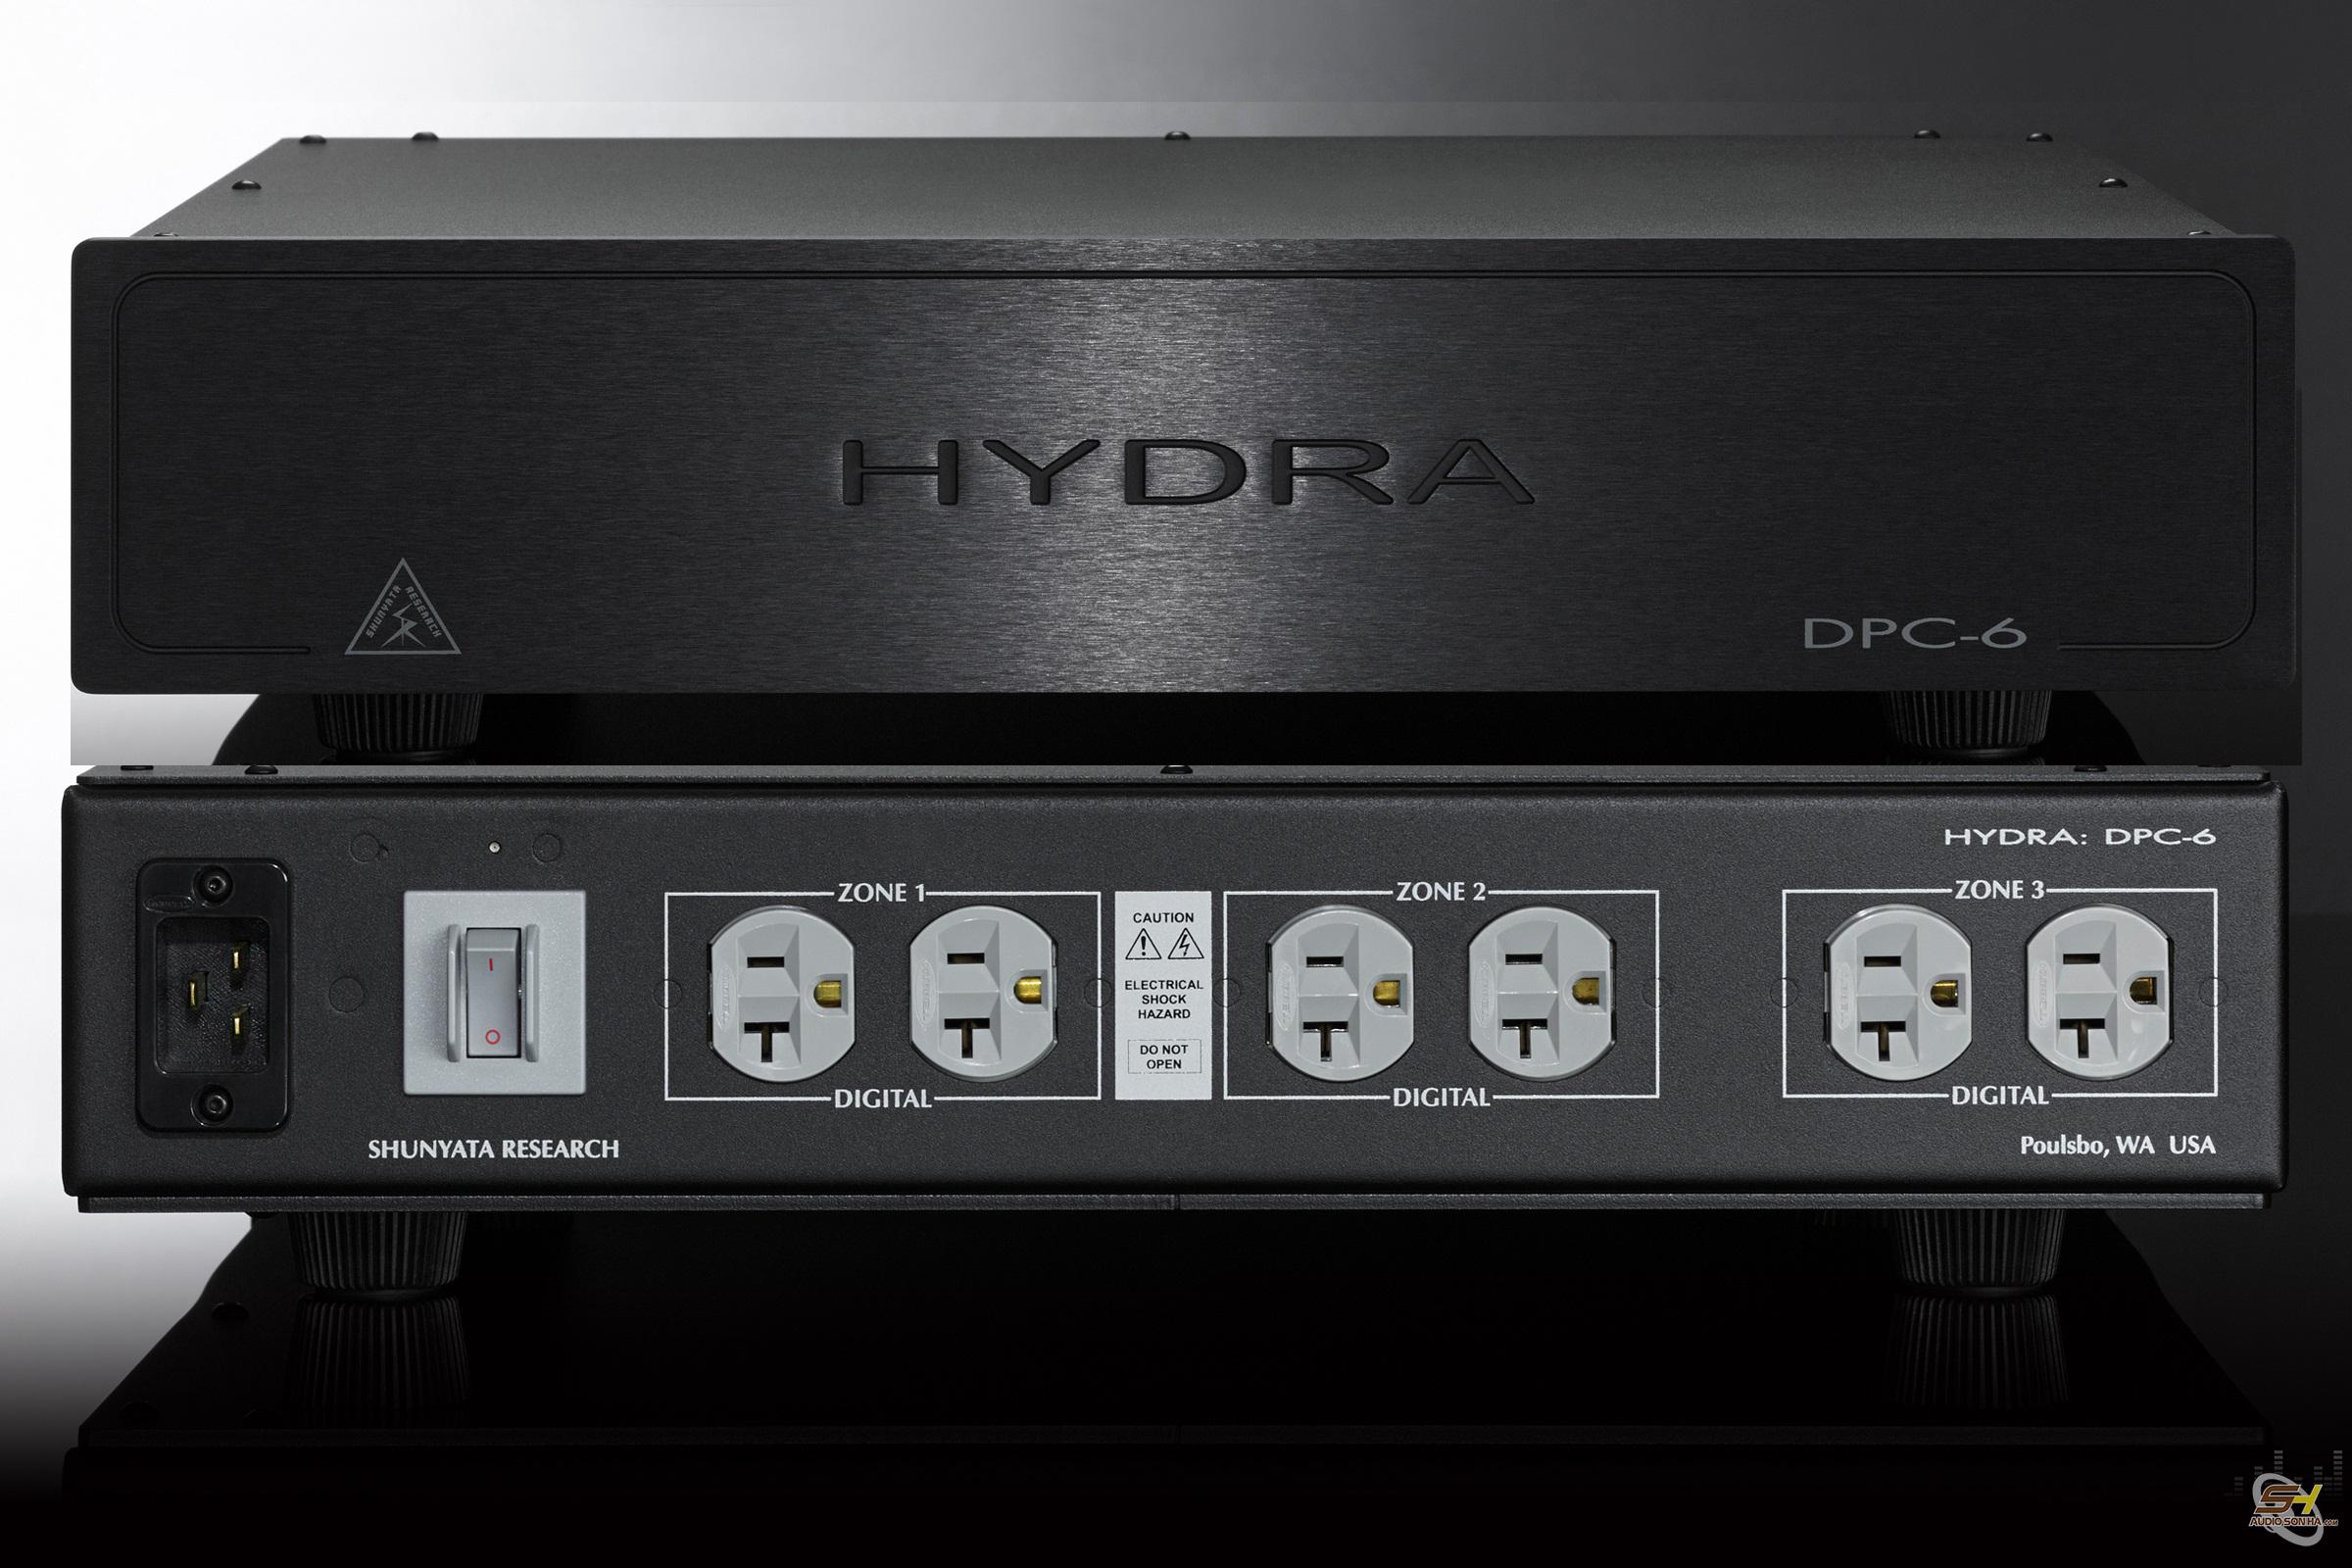 Shunyata Hydra DPC 6 v3